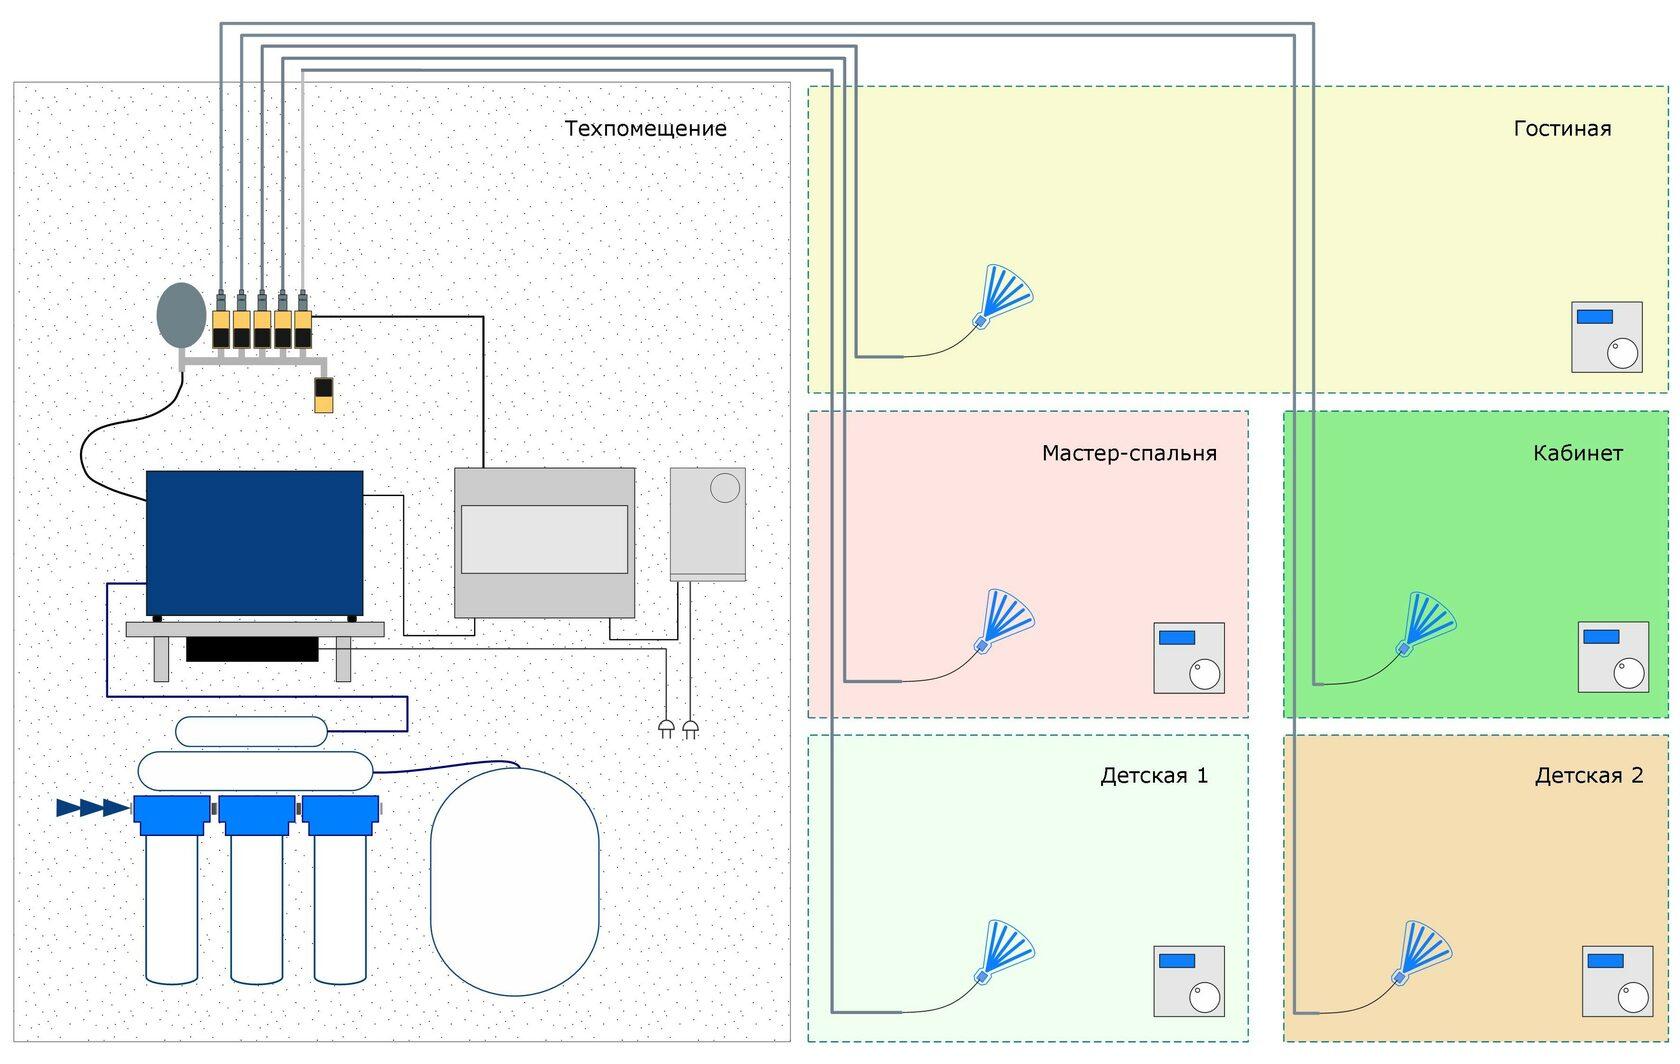 Схема работы автоматического форсуночного увлажнителя